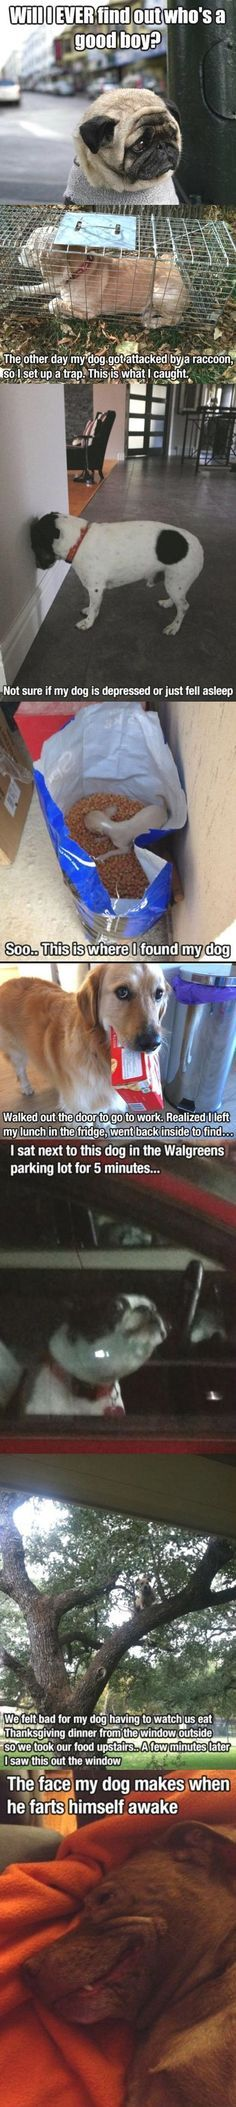 visit for the best funny dog joke pics inspirational dog